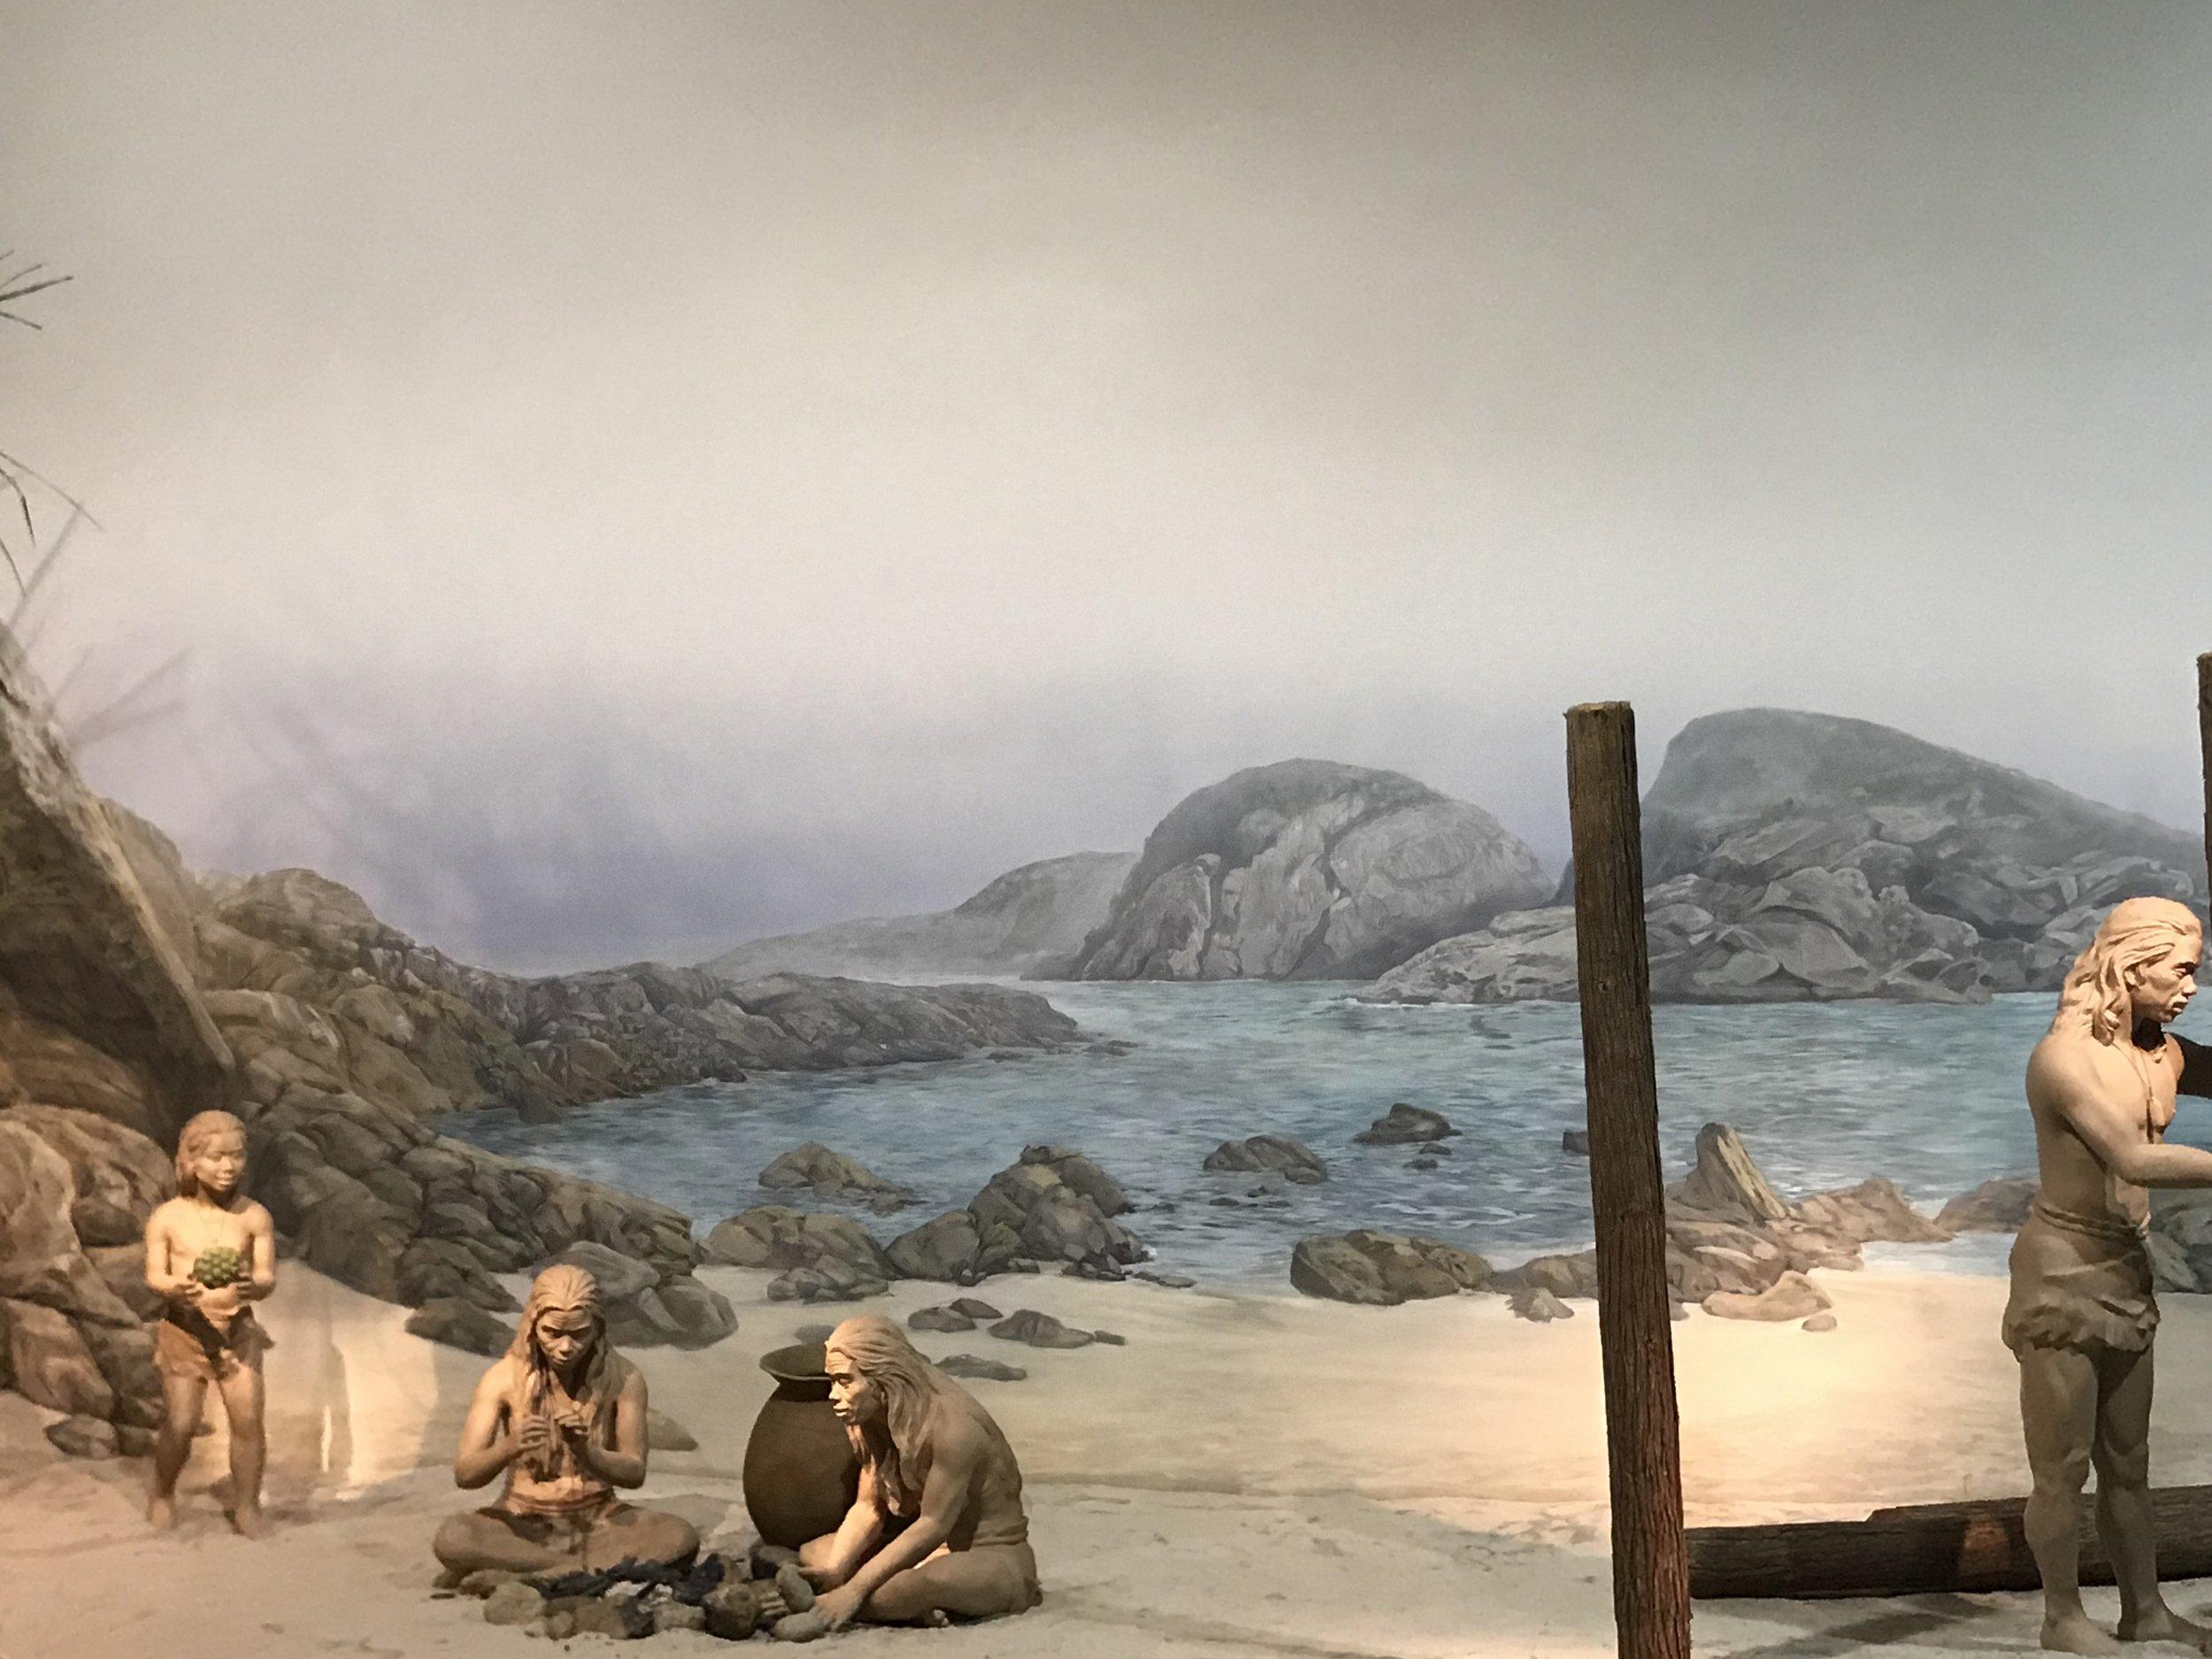 Cảnh người tiền sử của Hong Kong tại Bảo tàng viện Khoa Học và Lịch Sử tại Kowloon.